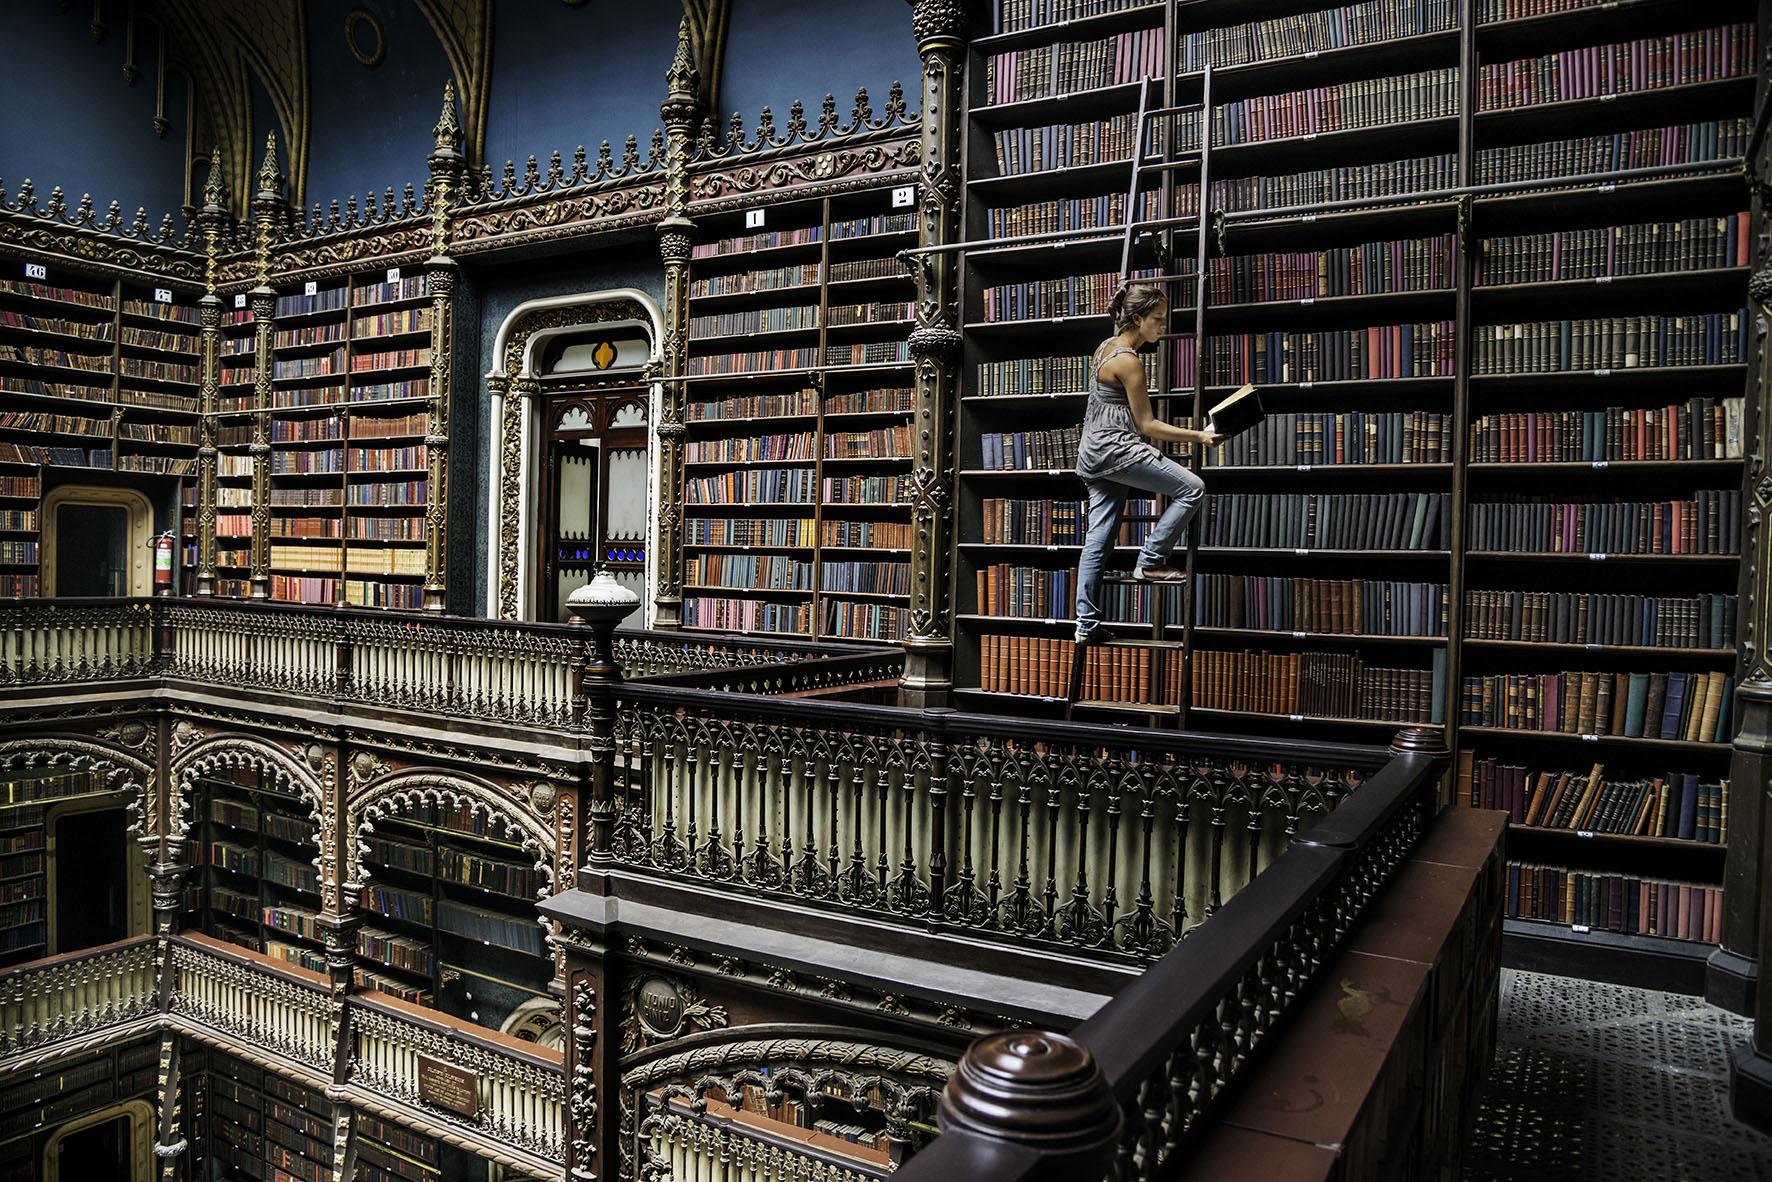 El acto de leer fotografiado en el libro 'Steve McCurry: Sobre la lectura'